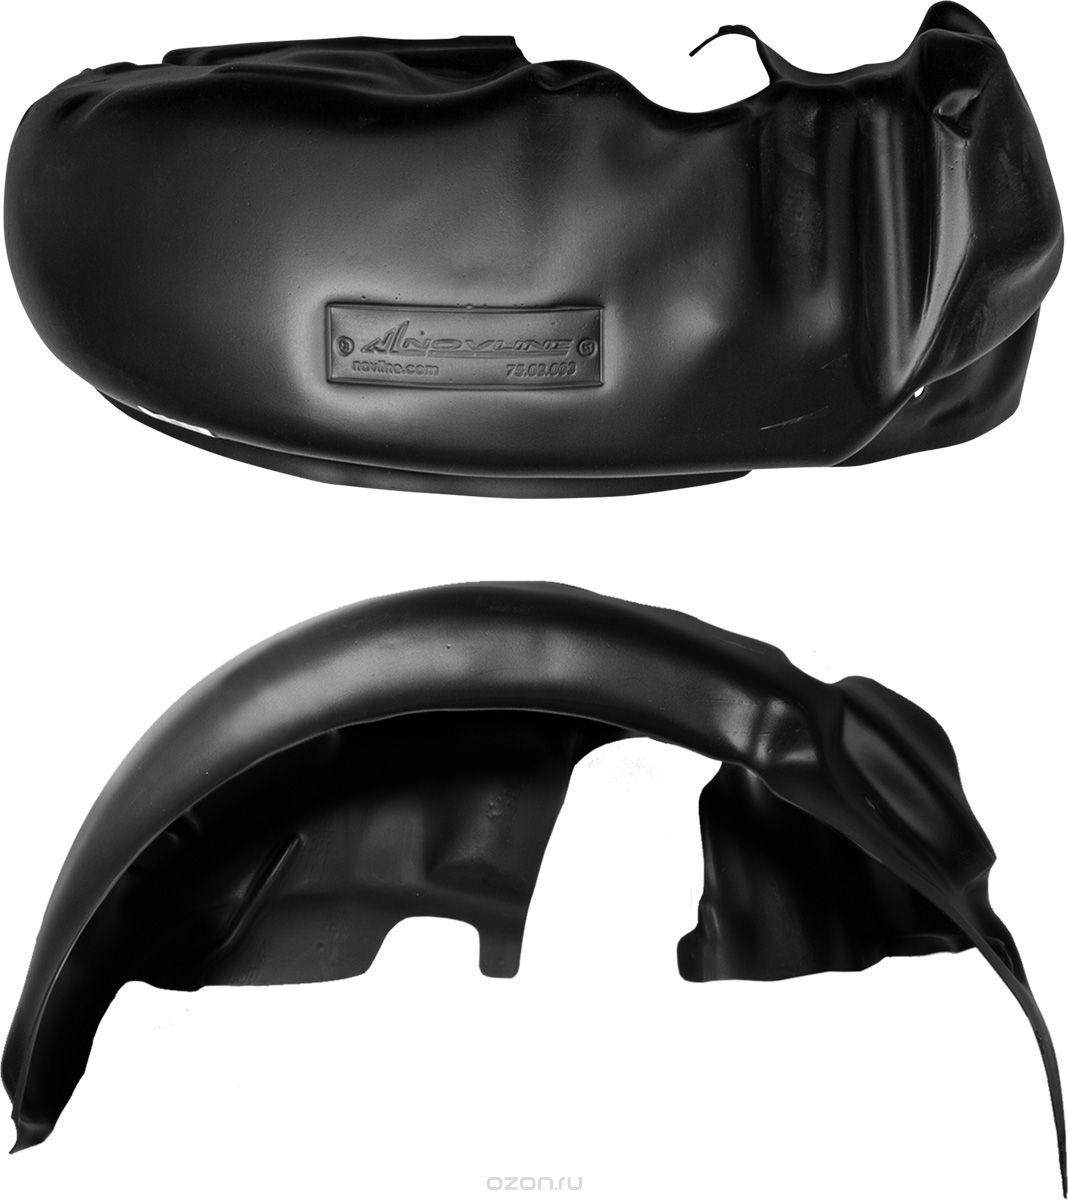 Подкрылок Novline-Autofamily, для TAGAZ VORTEX Tingo, 2011-2014 крос.(передний левый44005001Идеальная защита колесной ниши. Локеры разработаны с применением цифровых технологий, гарантируют максимальную повторяемость поверхности арки. Изделия устанавливаются без нарушения лакокрасочного покрытия автомобиля, каждый подкрылок комплектуется крепежом. Уважаемые клиенты, обращаем ваше внимание, что фотографии на подкрылки универсальные и не отражают реальную форму изделия. При этом само изделие идет точно под размер указанного автомобиля.